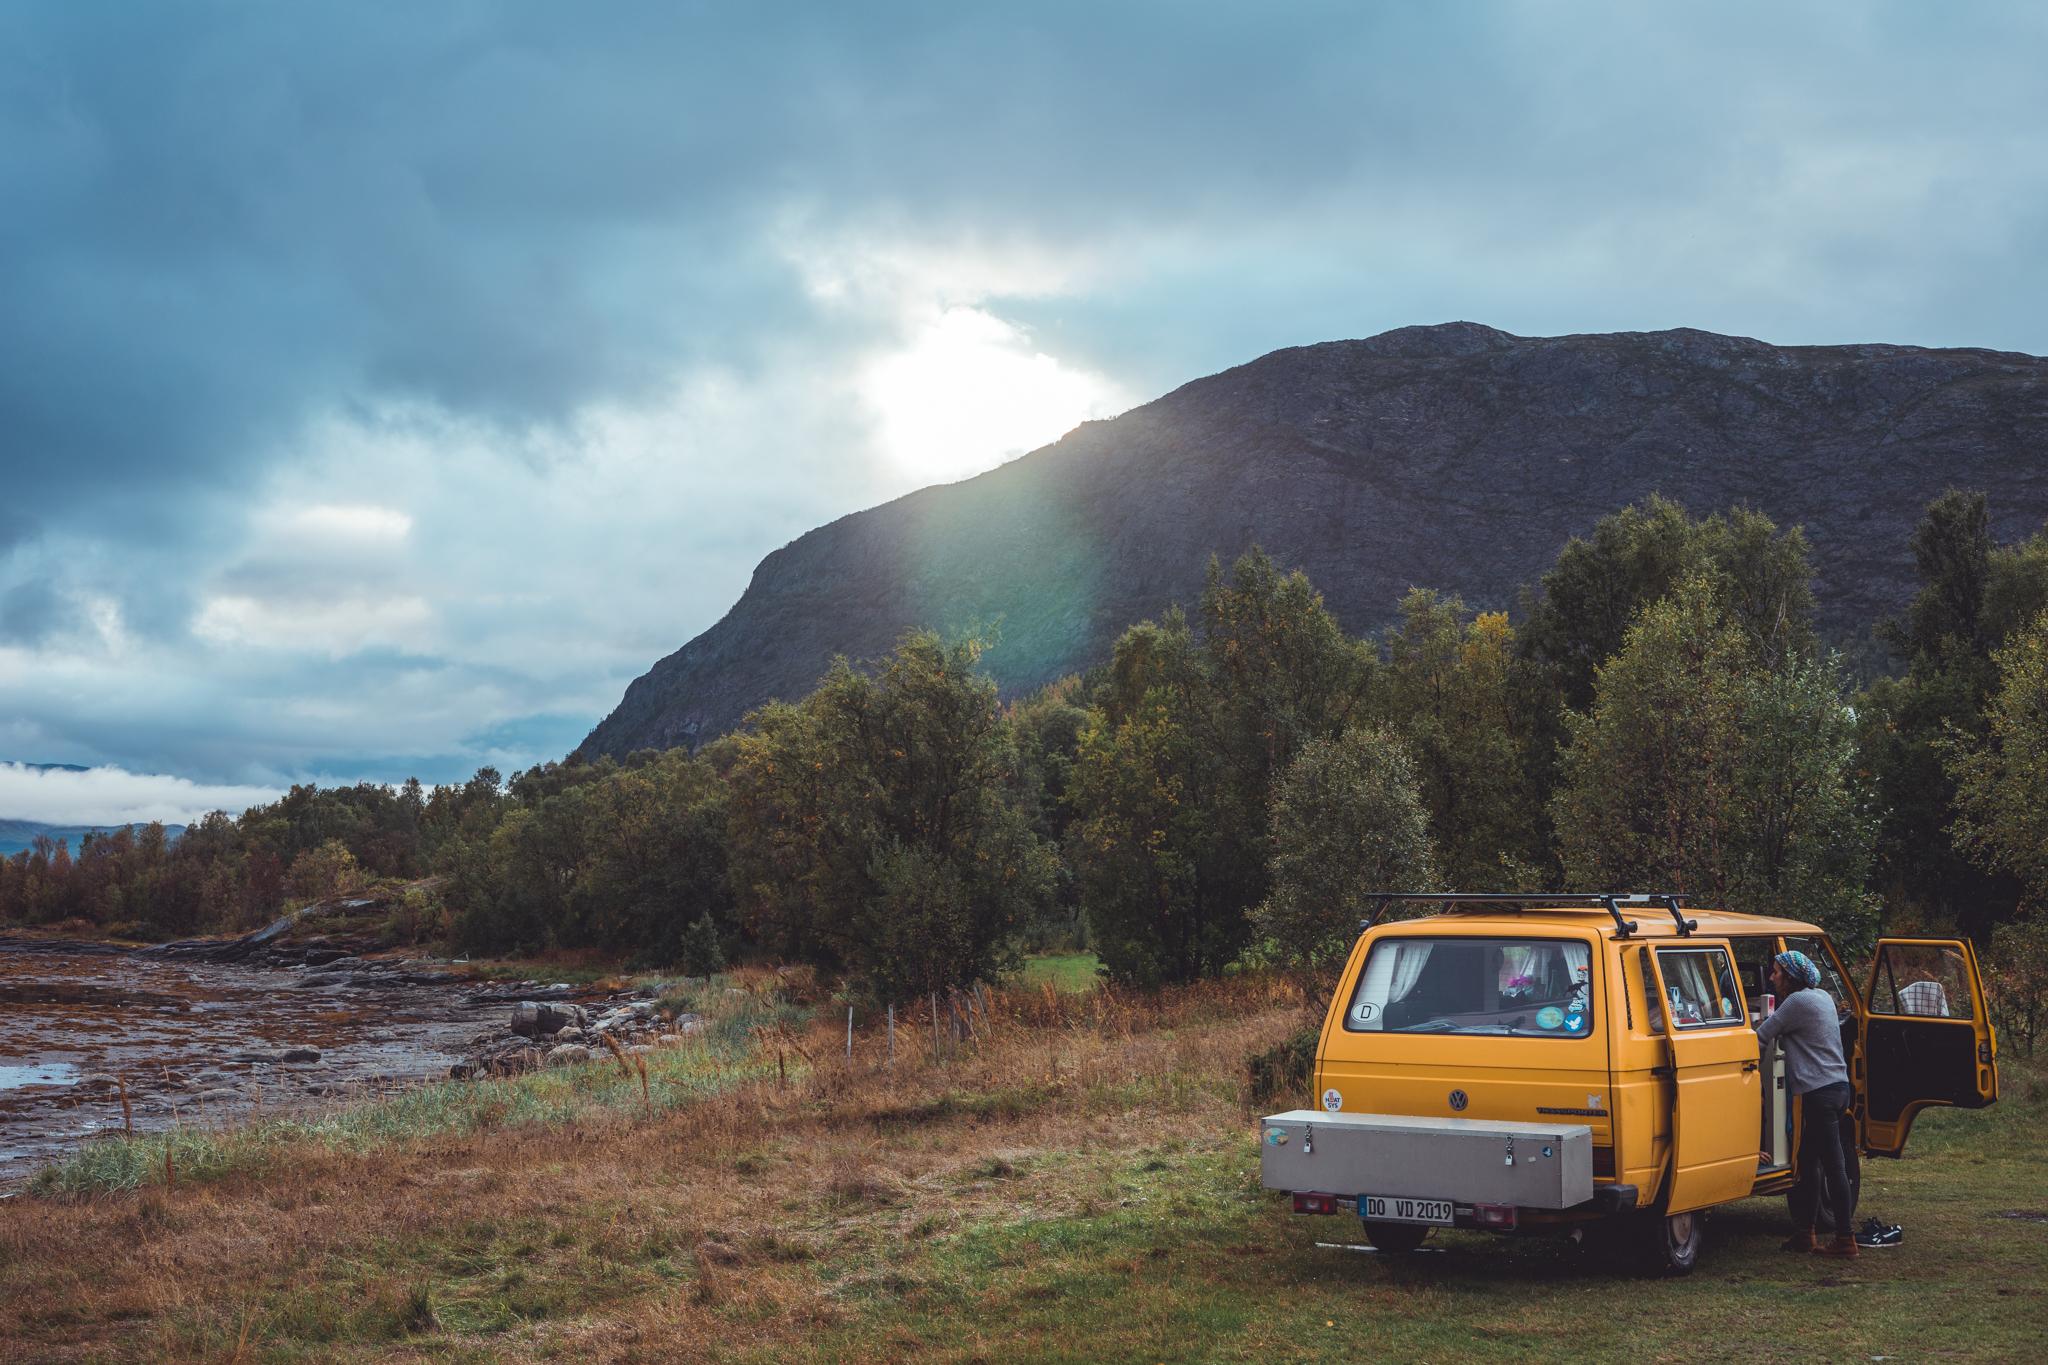 Foto als sfeerbeeld van een camperbusje in de bergen met ondergaande zon